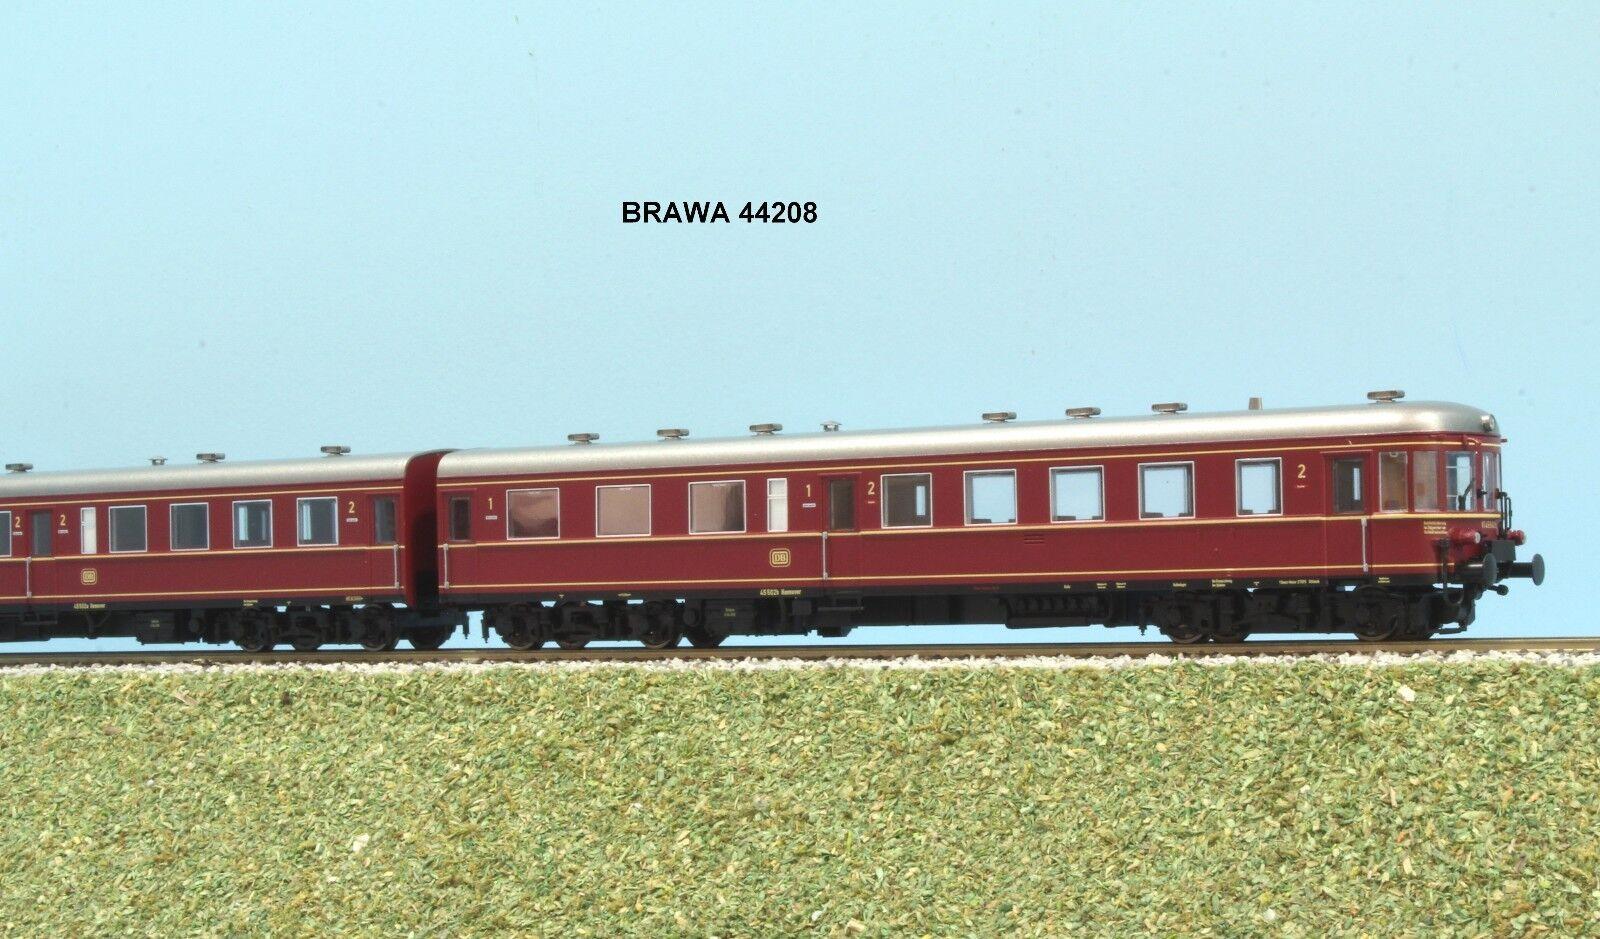 ahorre 60% de descuento BRAWA 44208 DB DB DB autotreno  2 pz  VT 137  STETTIN ep. III livrea bianco e rojo  gran descuento